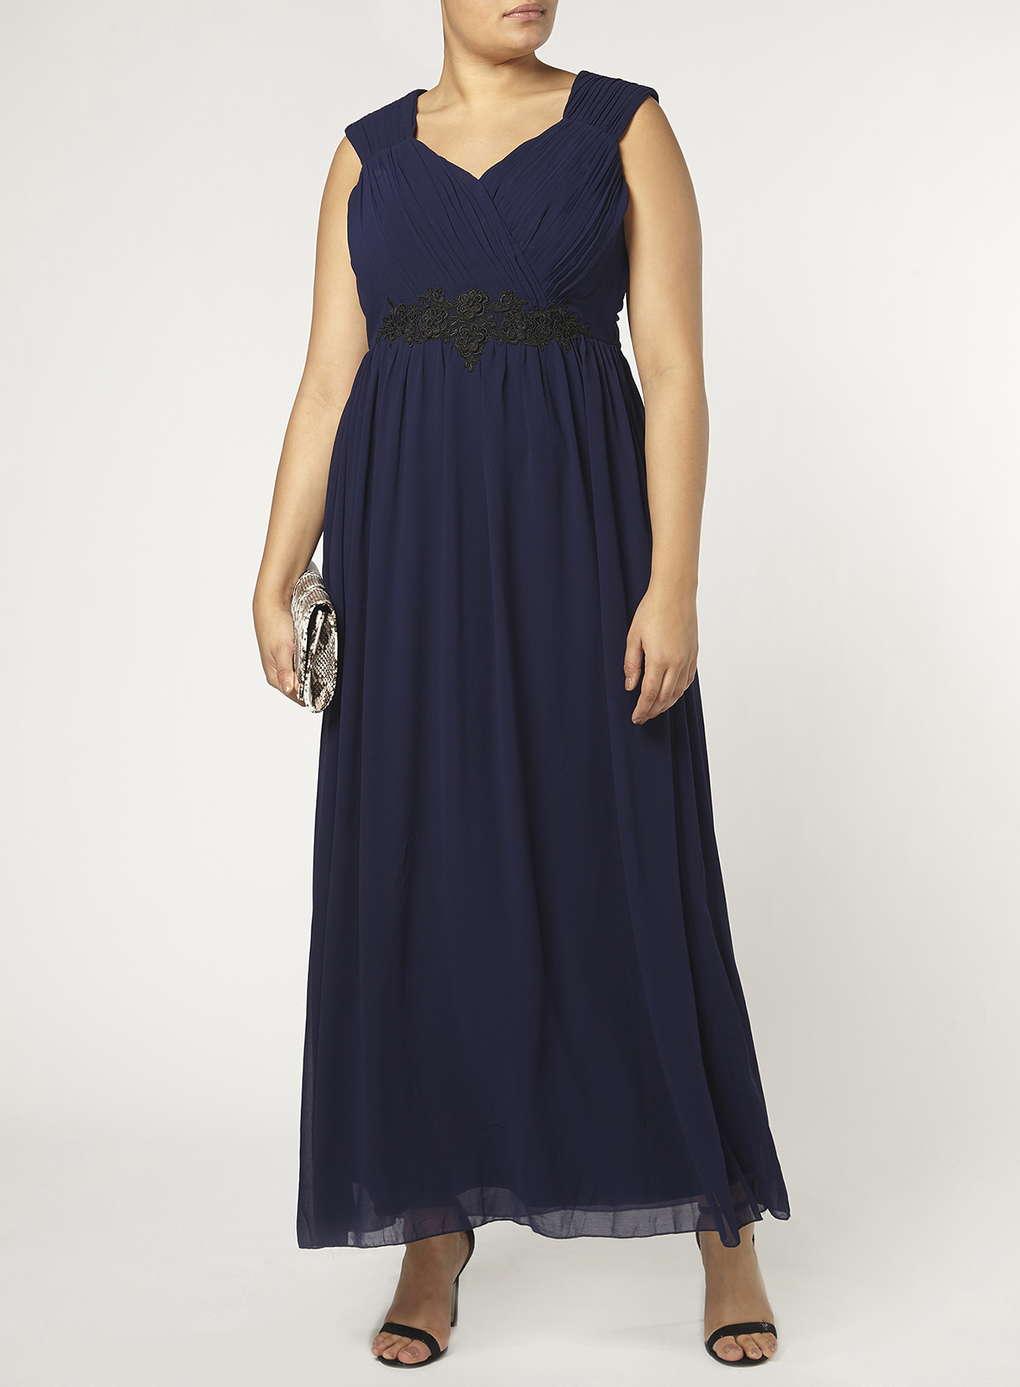 Büyük Beden Uzun Abiye Elbise Modelleri - Gece Elbiseleri - plus size dresses (28)